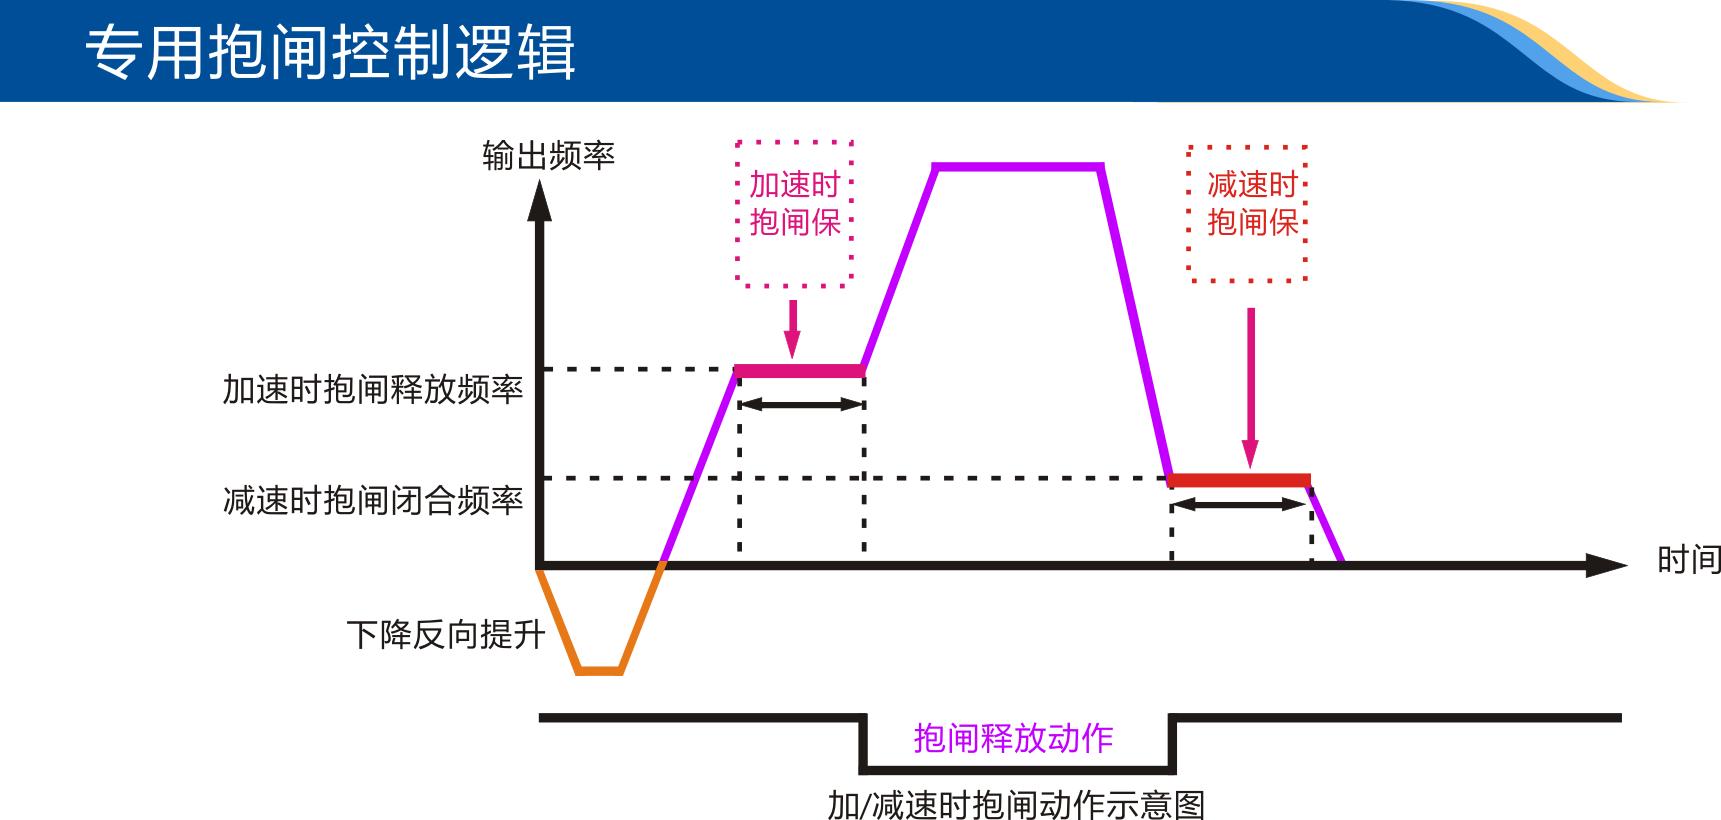 升降电梯接线图